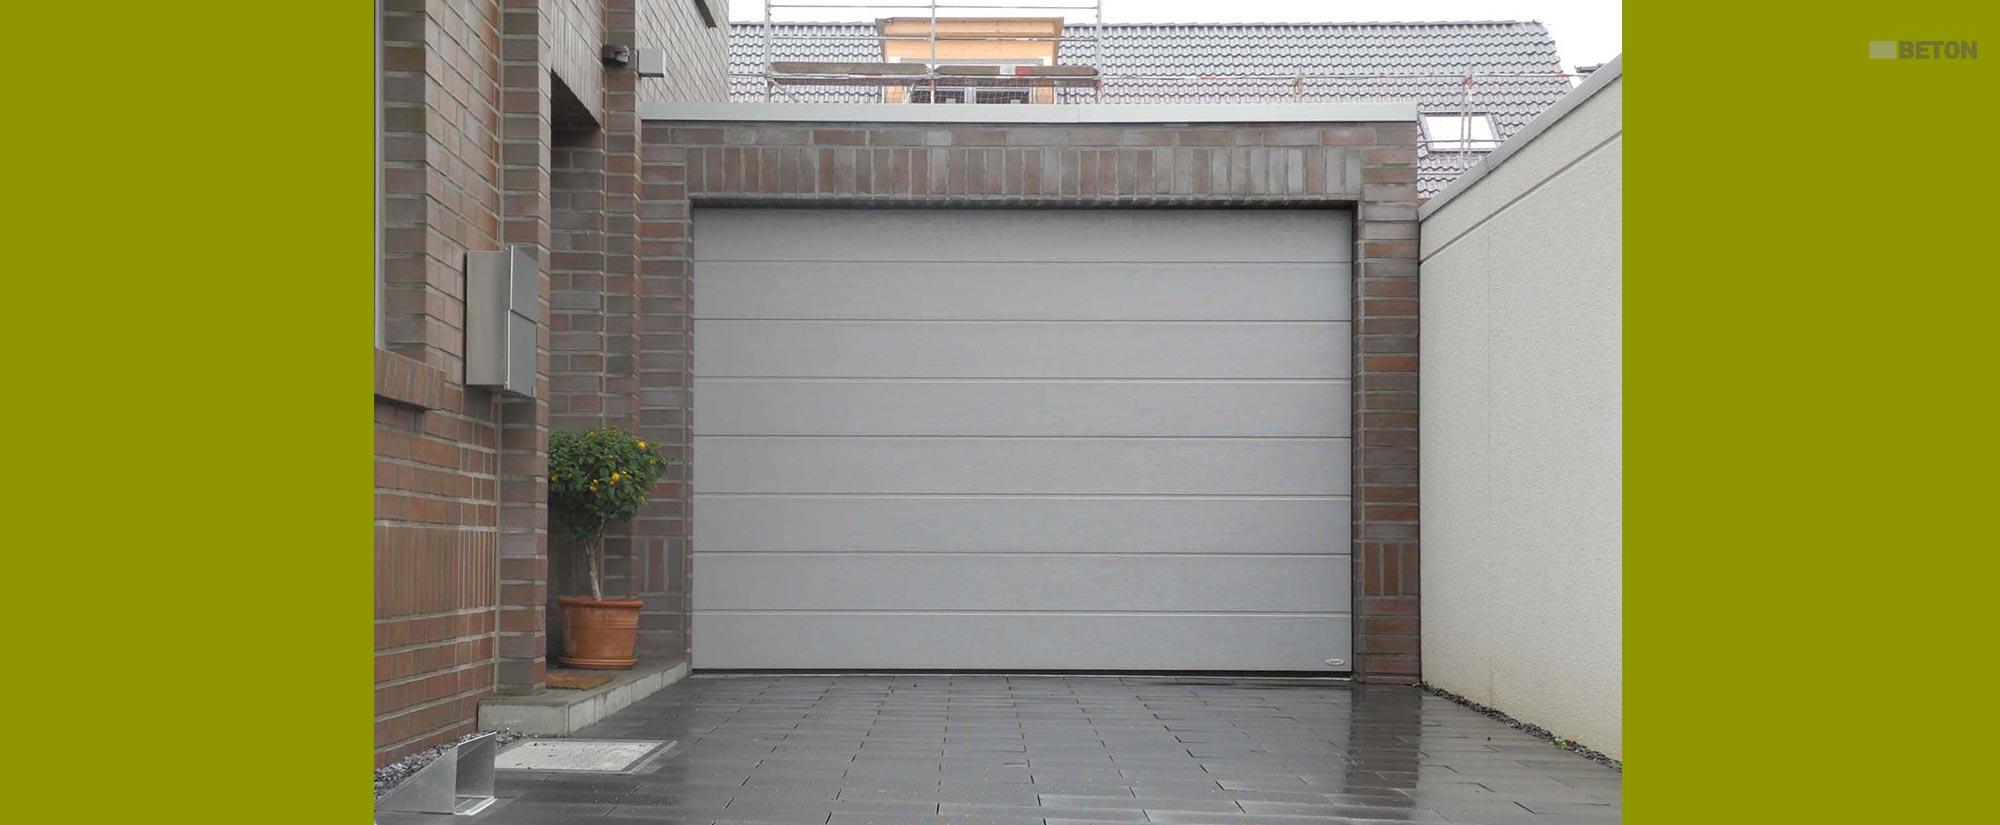 Fertiggaragen Nach Mass Individuelle Garagen Von Concept Beton